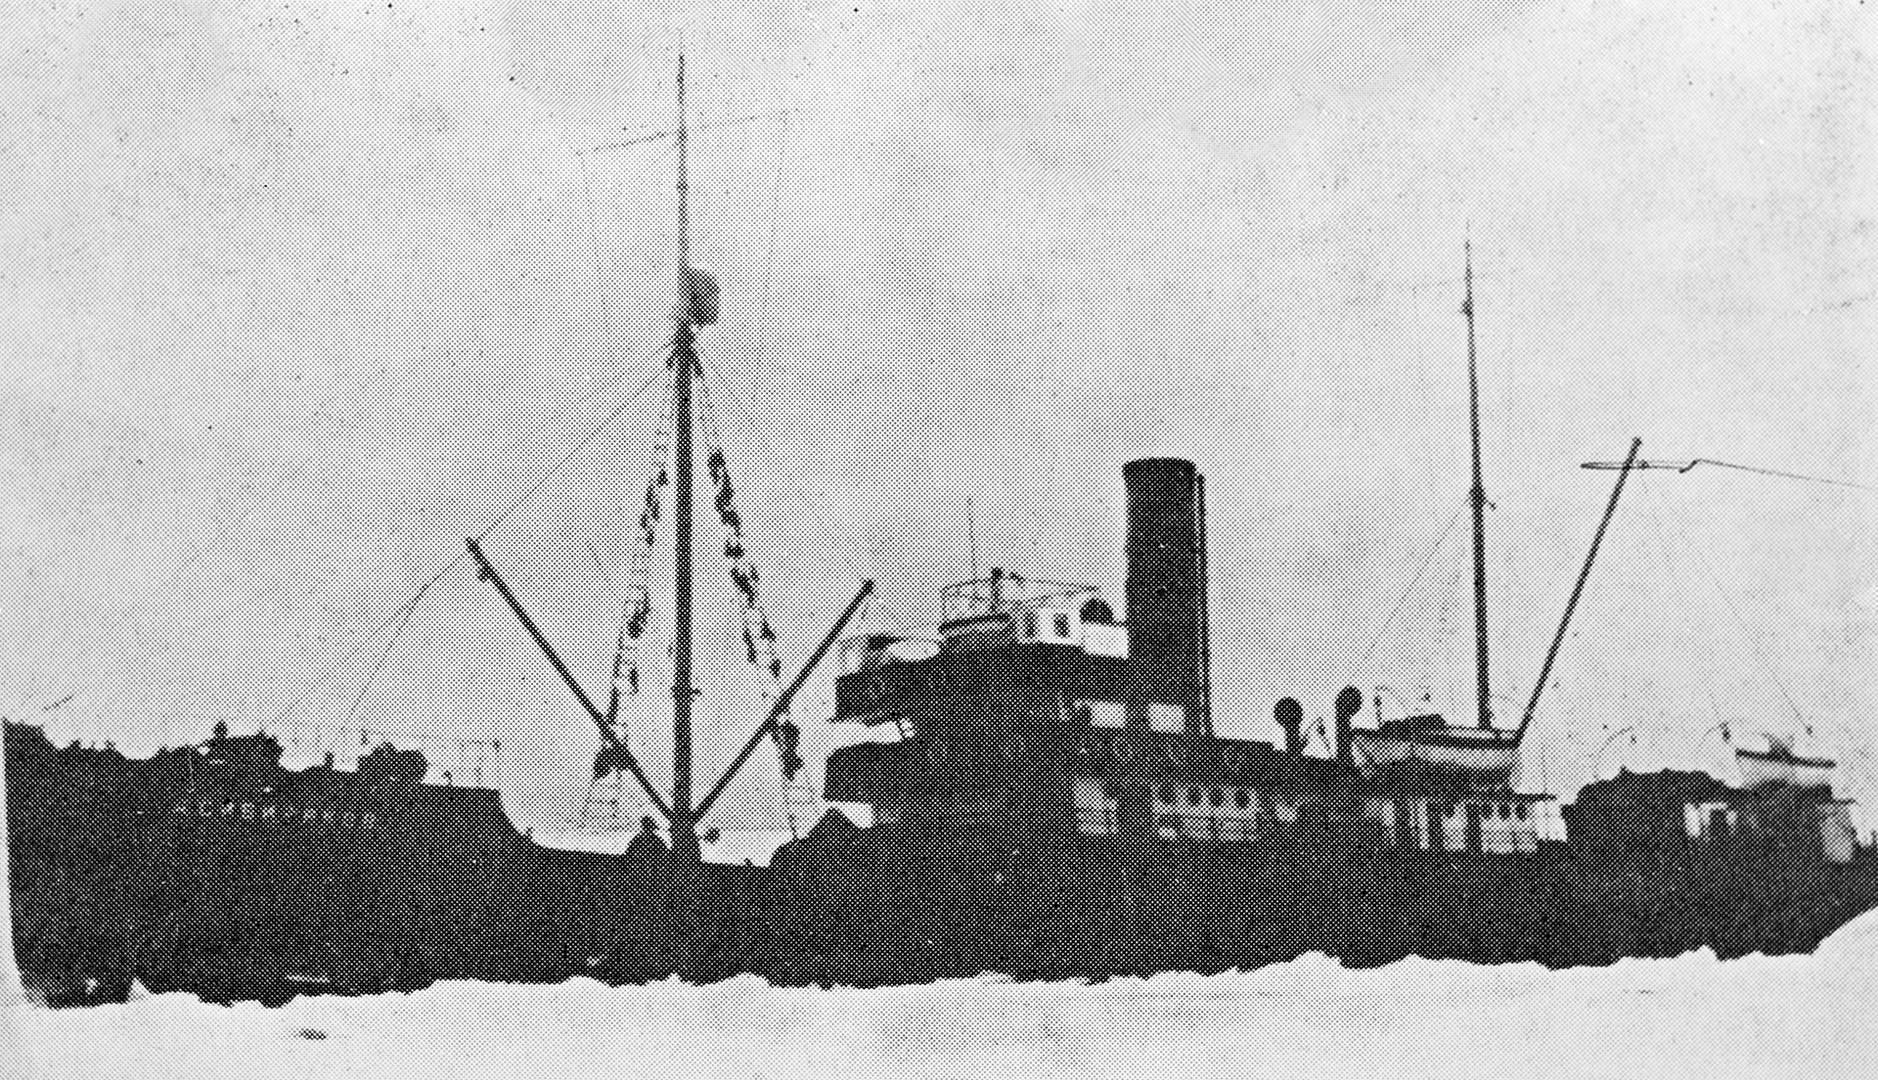 El rompehielos Alexánder Sibiriakov, nombrado en honor del industrial que exploró Siberia, resultó hundido el 25 de agosto de 1942 tras ser cañoneado por el crucero pesado de la marina alemana Almirante Scheer en las proximidades de la Isla Beluja, en el Mar de Kara.